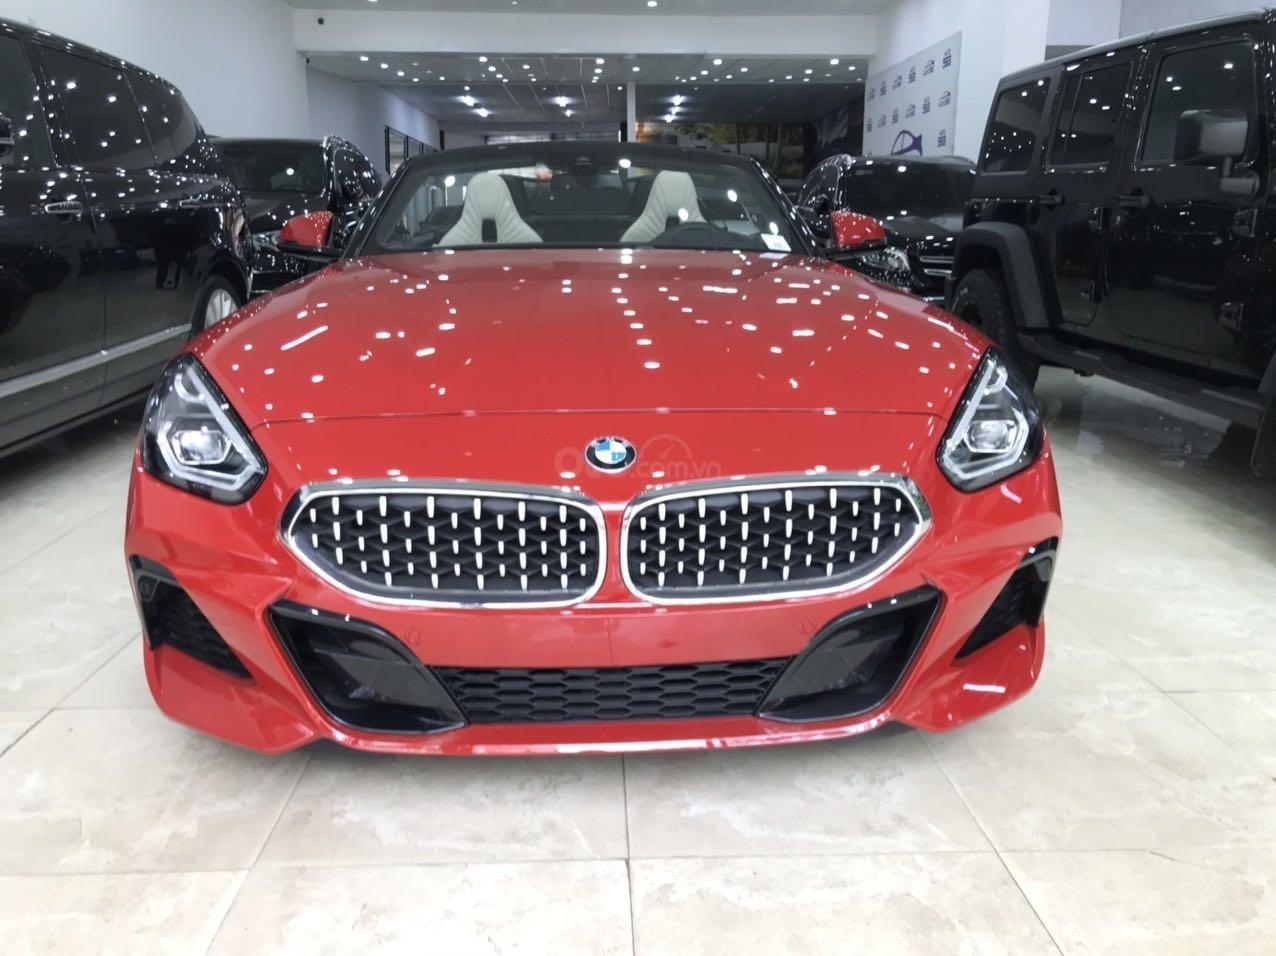 Xe BMW Z4 Sdrive đời 2020, màu đỏ nhập khẩu nguyên chiếc siêu lướt (2)